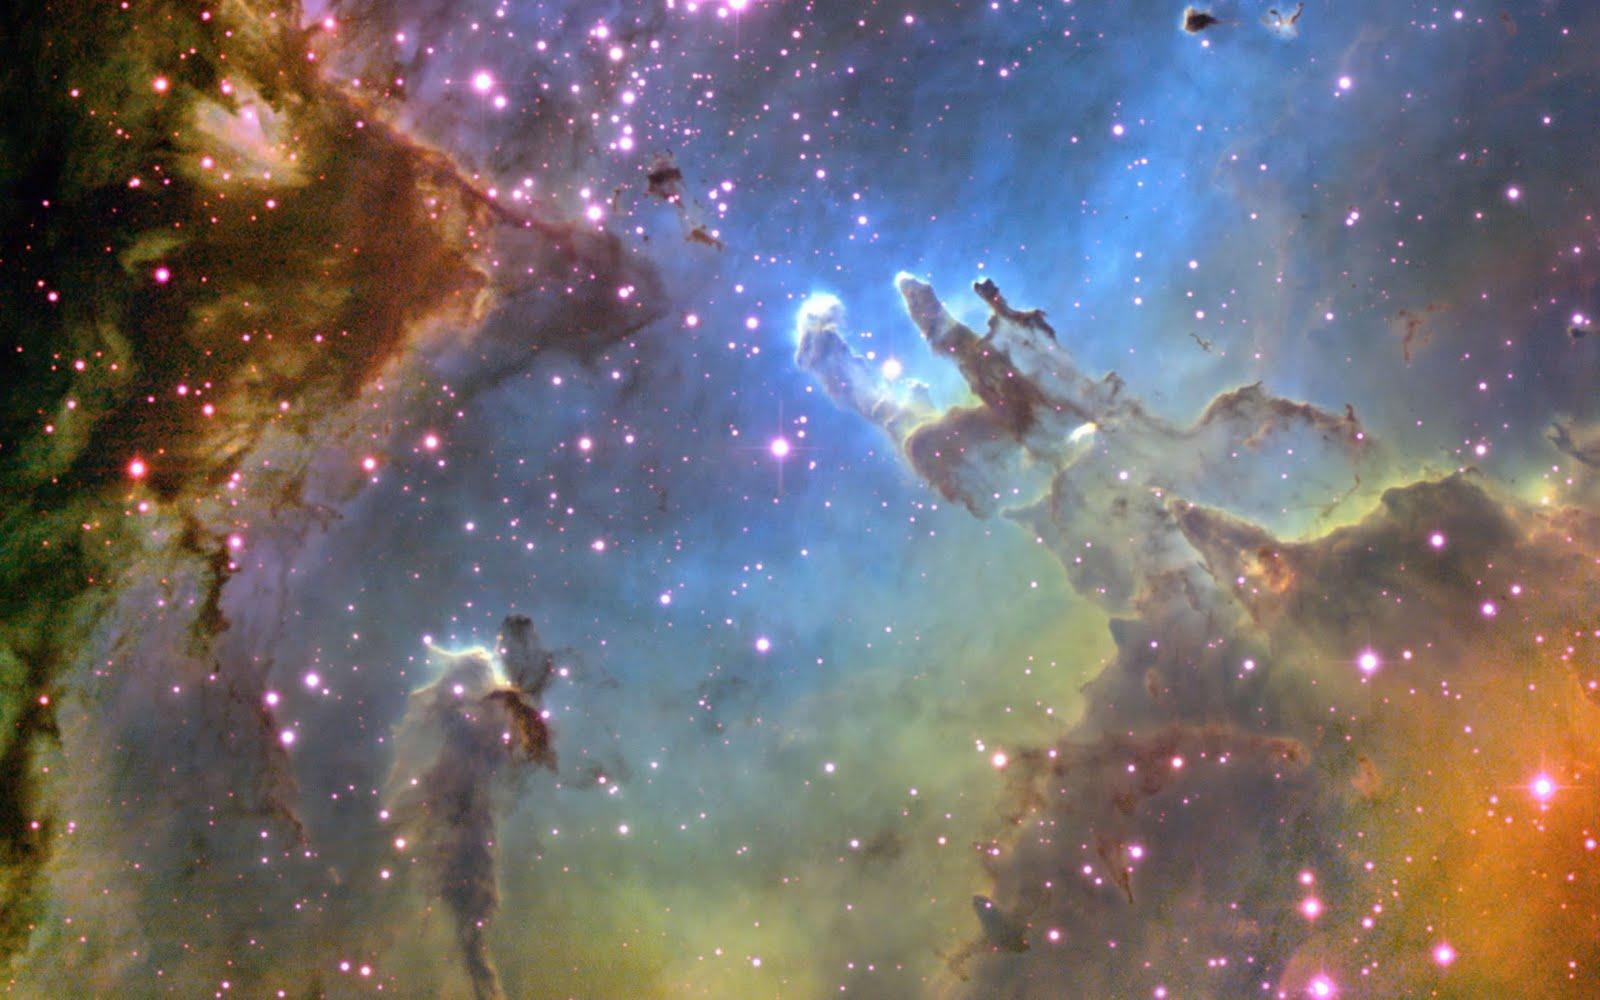 http://1.bp.blogspot.com/_qllChVOa1GY/TUFD_NoJDSI/AAAAAAAAC8k/50nMMwjE0iA/s1600/Space%2BWallpapers.jpg